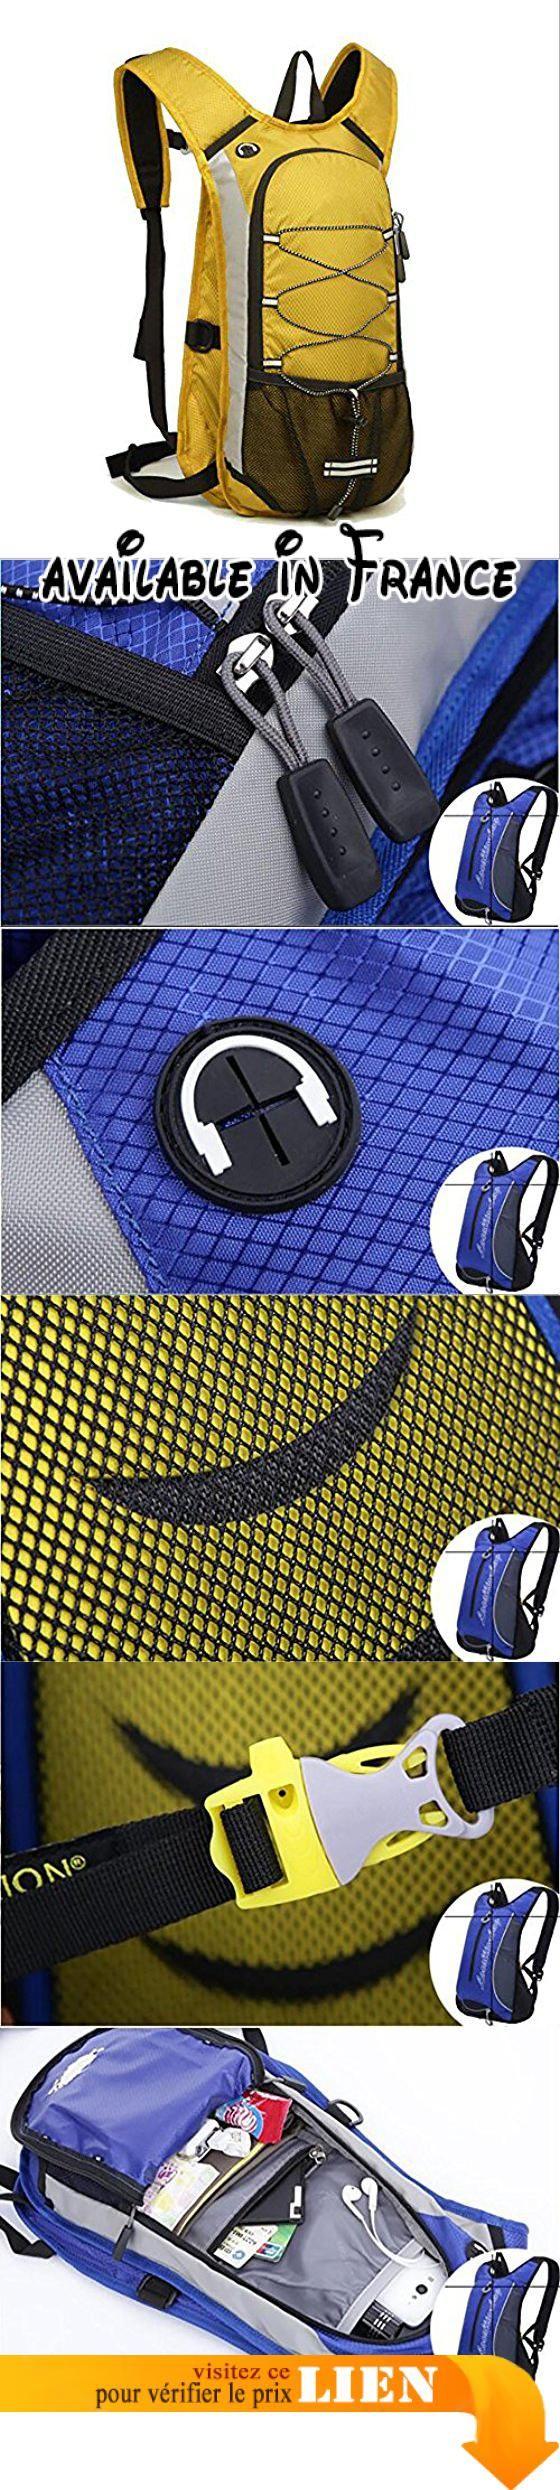 B078W88PTJ : Cyclisme Backpack12L Résistant À L'eau Léger Vélo Sac À Dos Multi Poches Hommes Femmes Sport Sac À Dos pour Randonnée Escalade Escalade Ski  Yellow. 12L High Capacity: Le sac à dos cycliste en nylon ultra-léger imperméable et résistant aux déchirures. Espace interne 12l emplacement de stockage sac à dos de configuration de sac à dos de vélo pour répondre aux nécessités quotidiennes du stockage vous permettant de voyager facilement.. Confortable